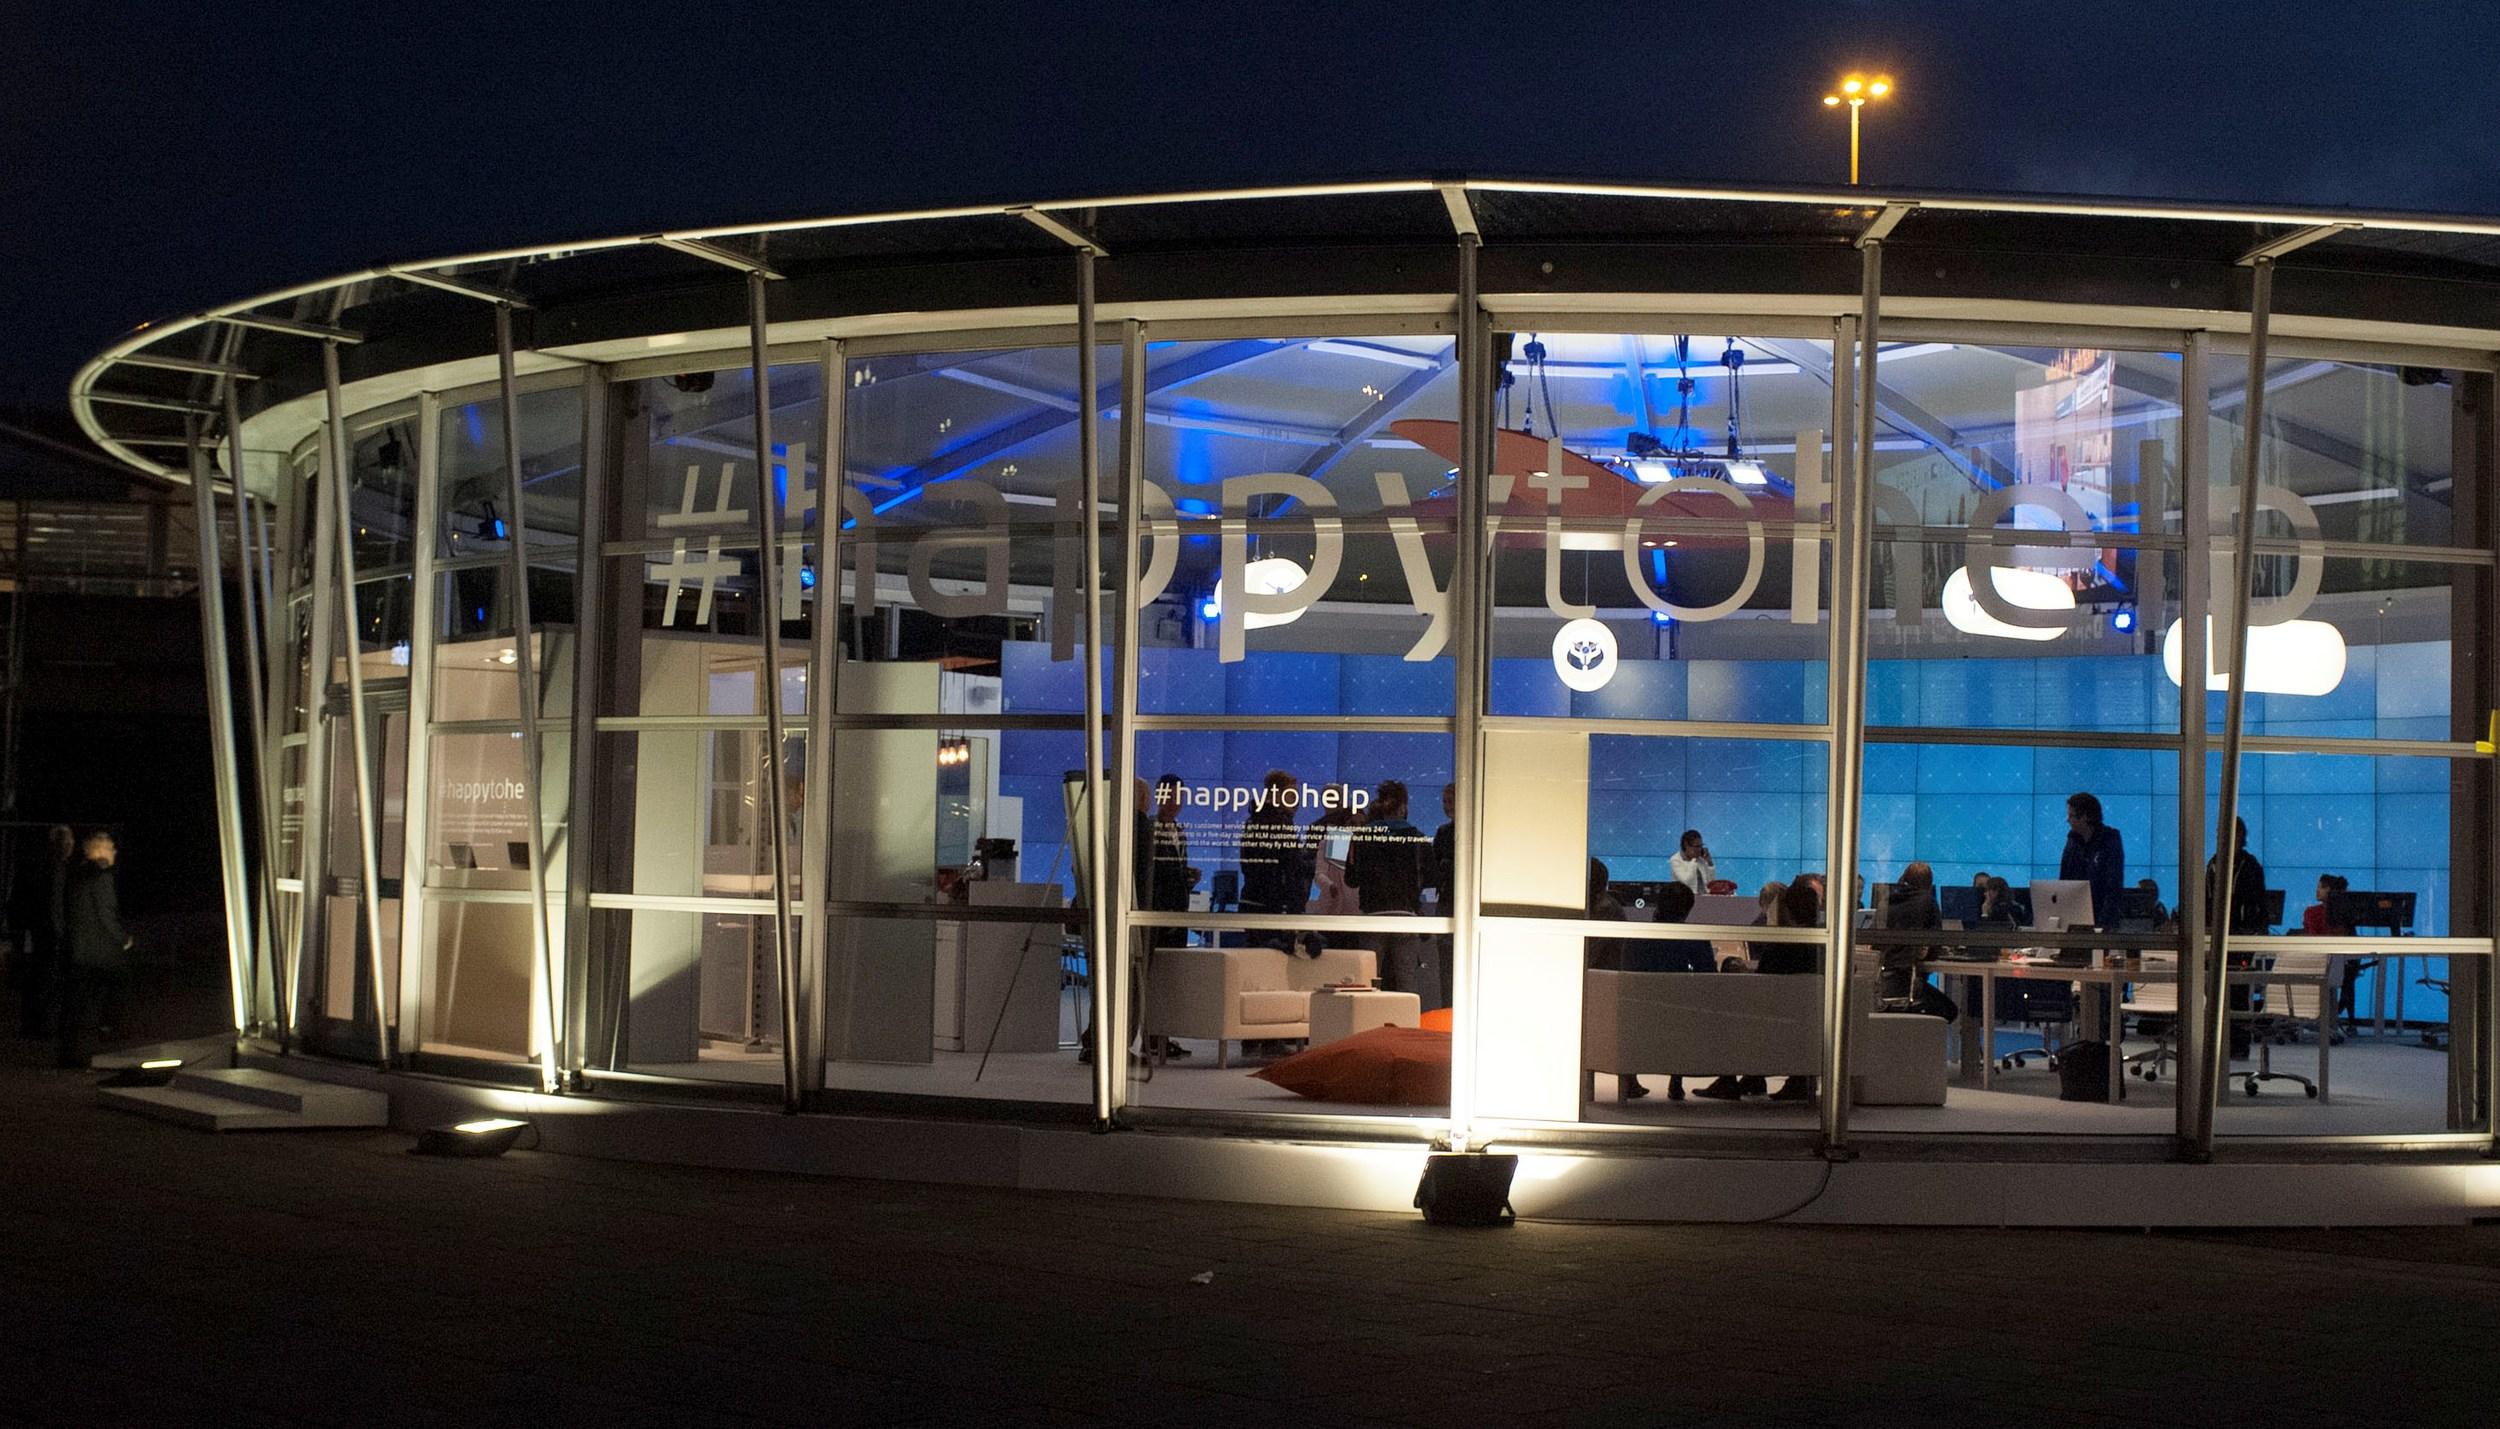 KLM Social Media House